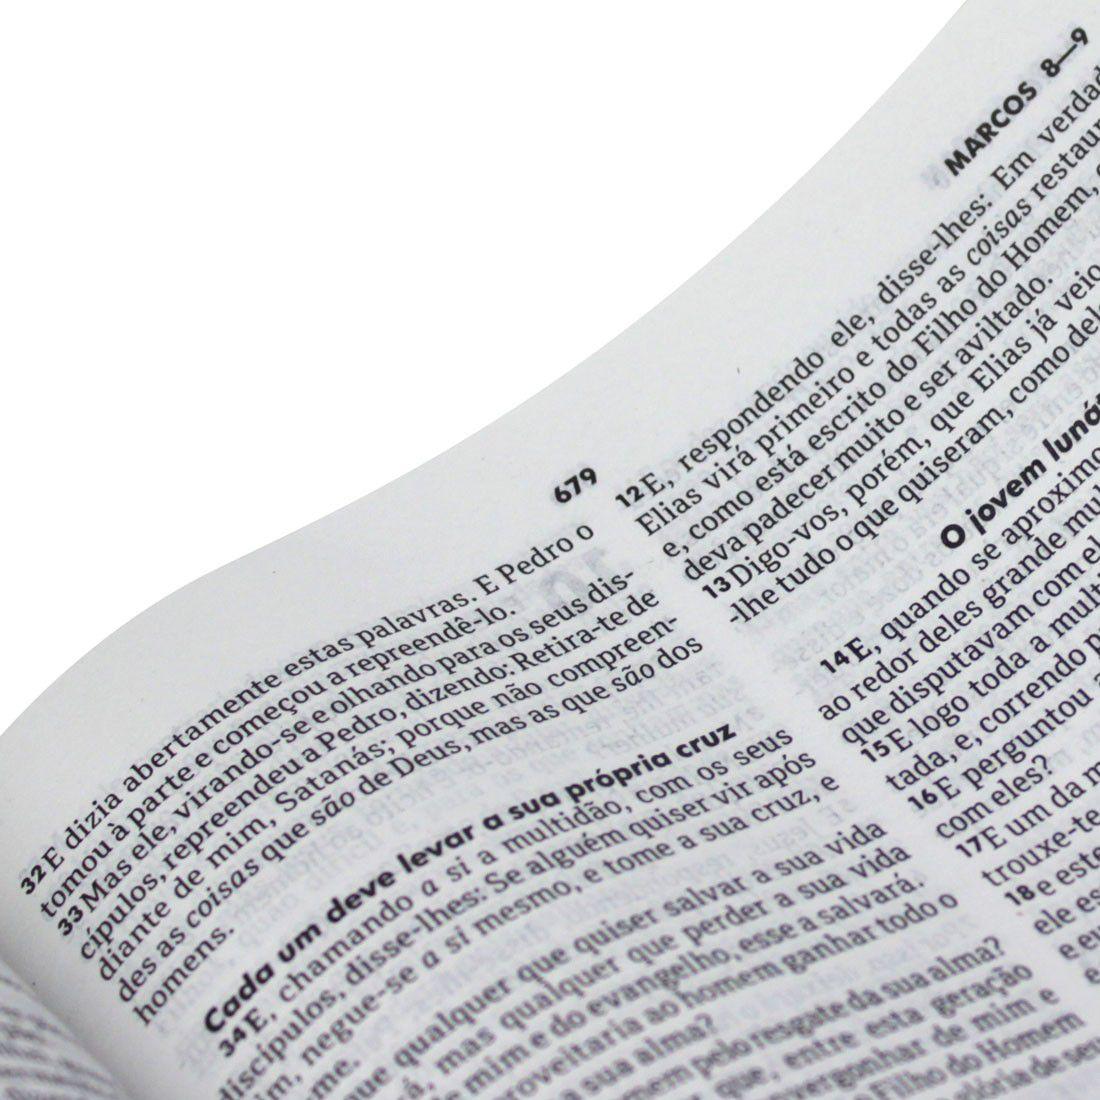 Bíblia Sagrada Tradicional - Capa Dura Preta - RC